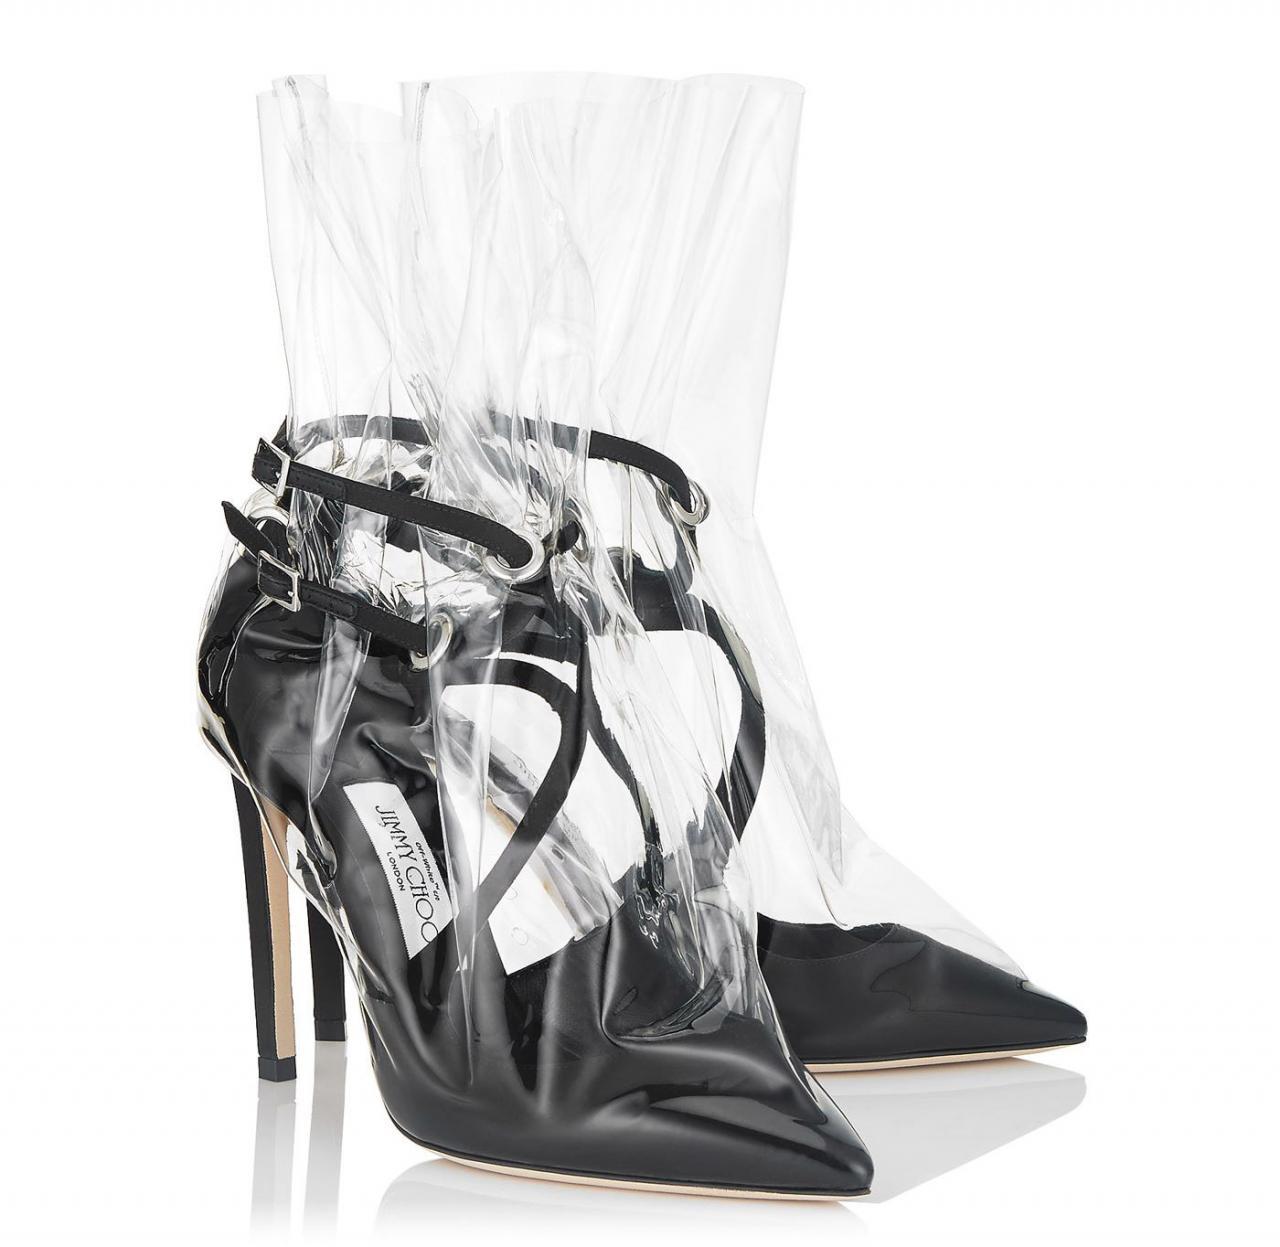 英國百貨Harrods網購Jimmy Choo x Off White鞋款特價+免郵,低至HK$5,027